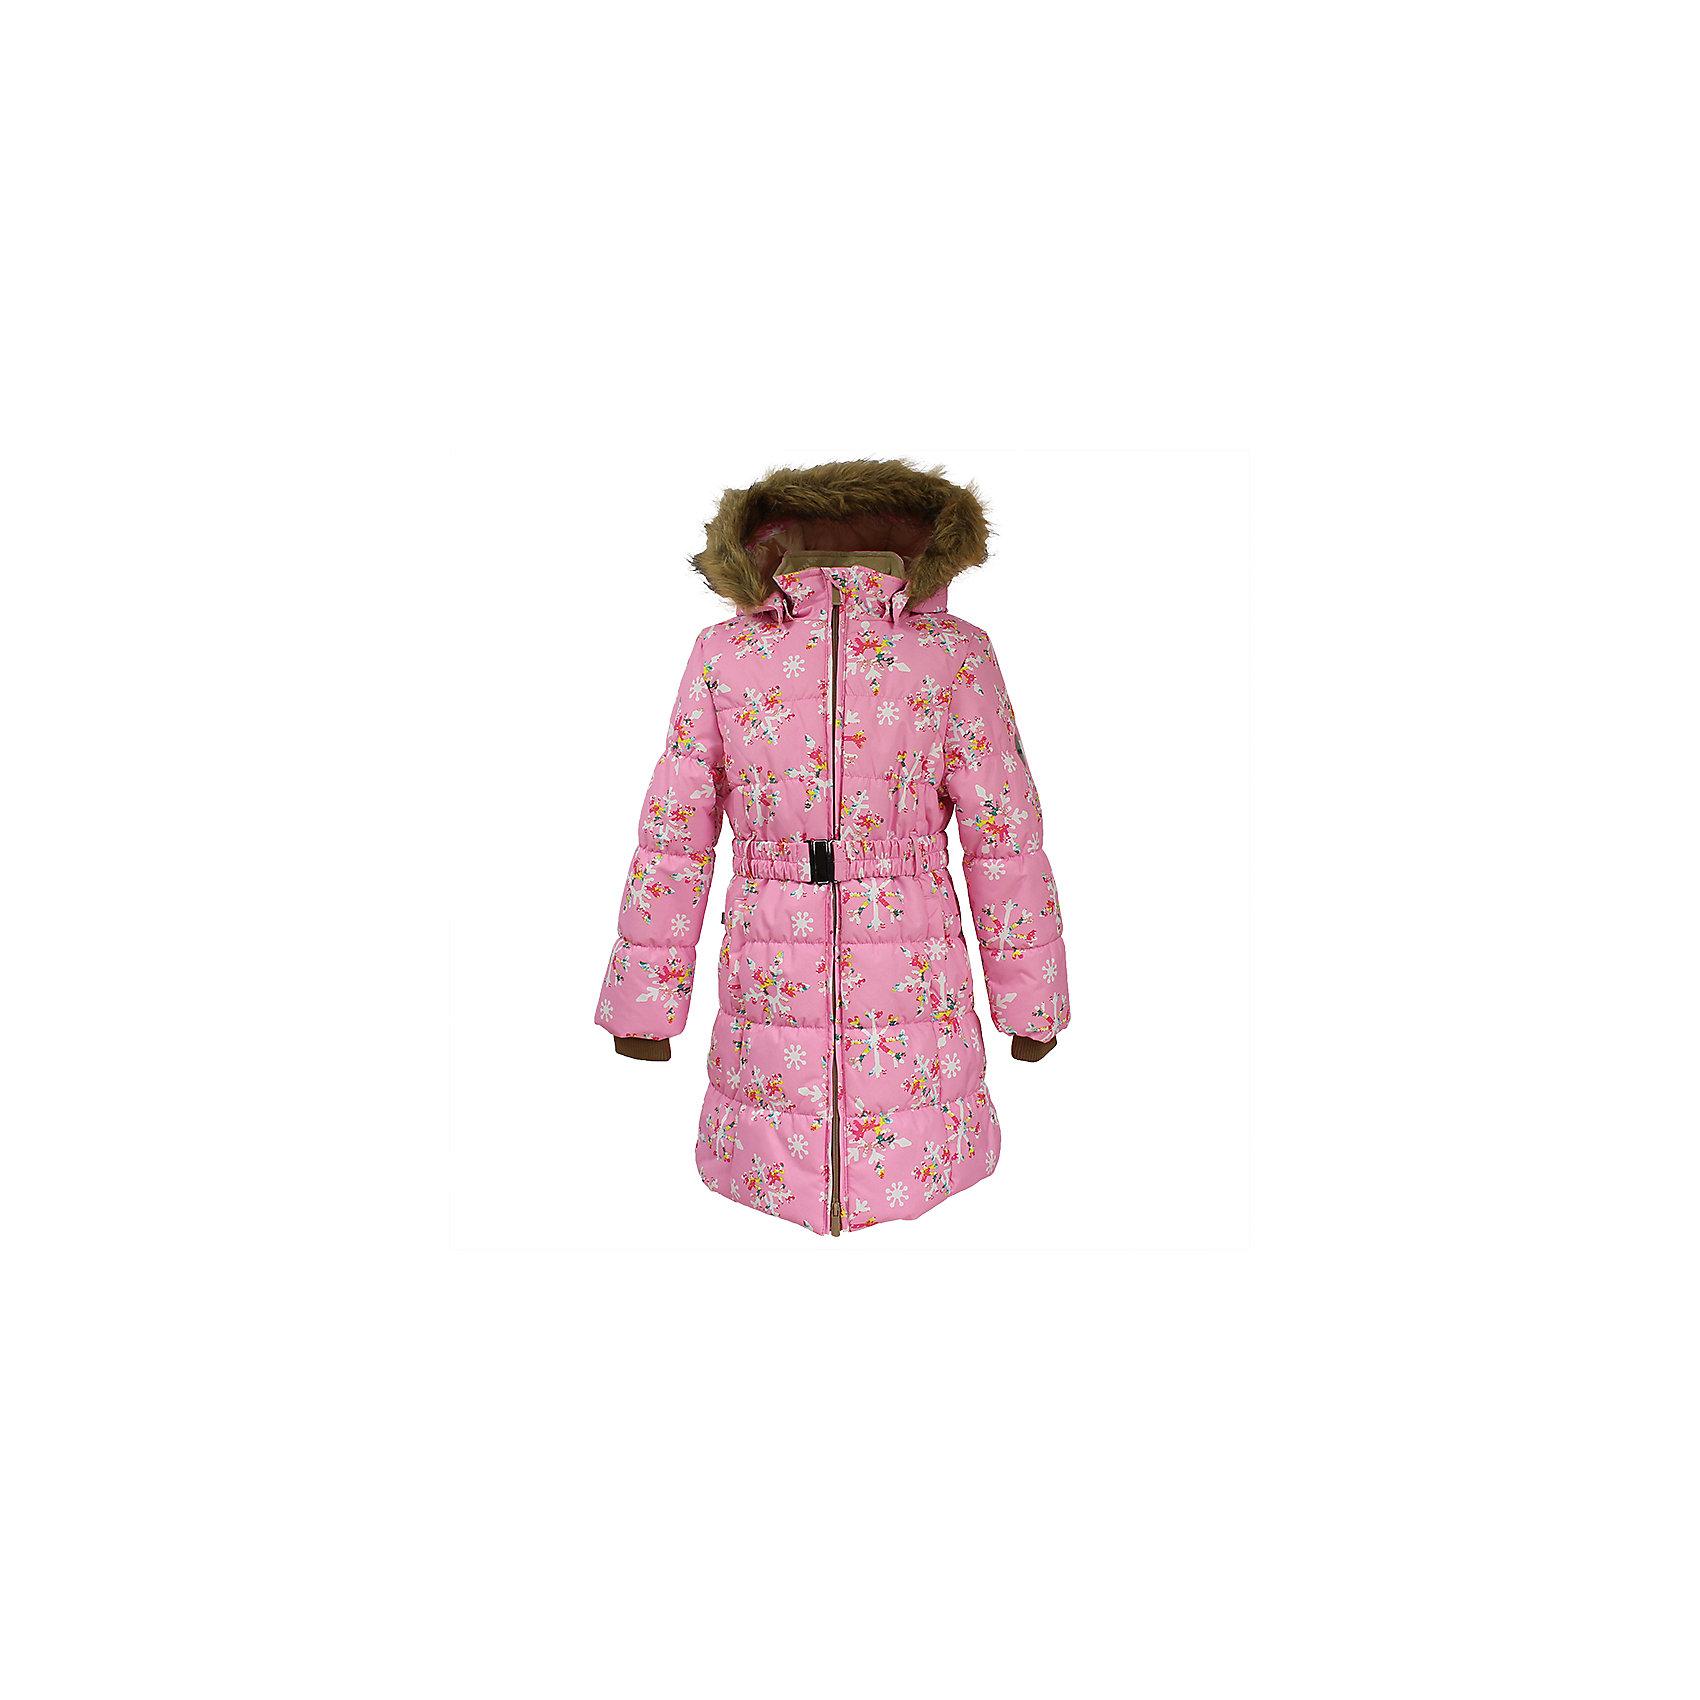 Пальто YACARANDA Huppa для девочкиВерхняя одежда<br>Куртка для девочек YACARANDA.Водо и воздухонепроницаемость 10 000. Утеплитель 300 гр. Подкладка тафта, флис 100% полиэстер. Отстегивающийся капюшон с мехом. Внутренний манжет рукава.Вязаные детали.Двухсторонняя молния. Имеются светоотражательные детали.<br>Состав:<br>100% Полиэстер<br><br>Ширина мм: 356<br>Глубина мм: 10<br>Высота мм: 245<br>Вес г: 519<br>Цвет: розовый/натуральный<br>Возраст от месяцев: 168<br>Возраст до месяцев: 180<br>Пол: Женский<br>Возраст: Детский<br>Размер: 170,104,110,116,122,128,134,140,146,152,158,164<br>SKU: 7027505